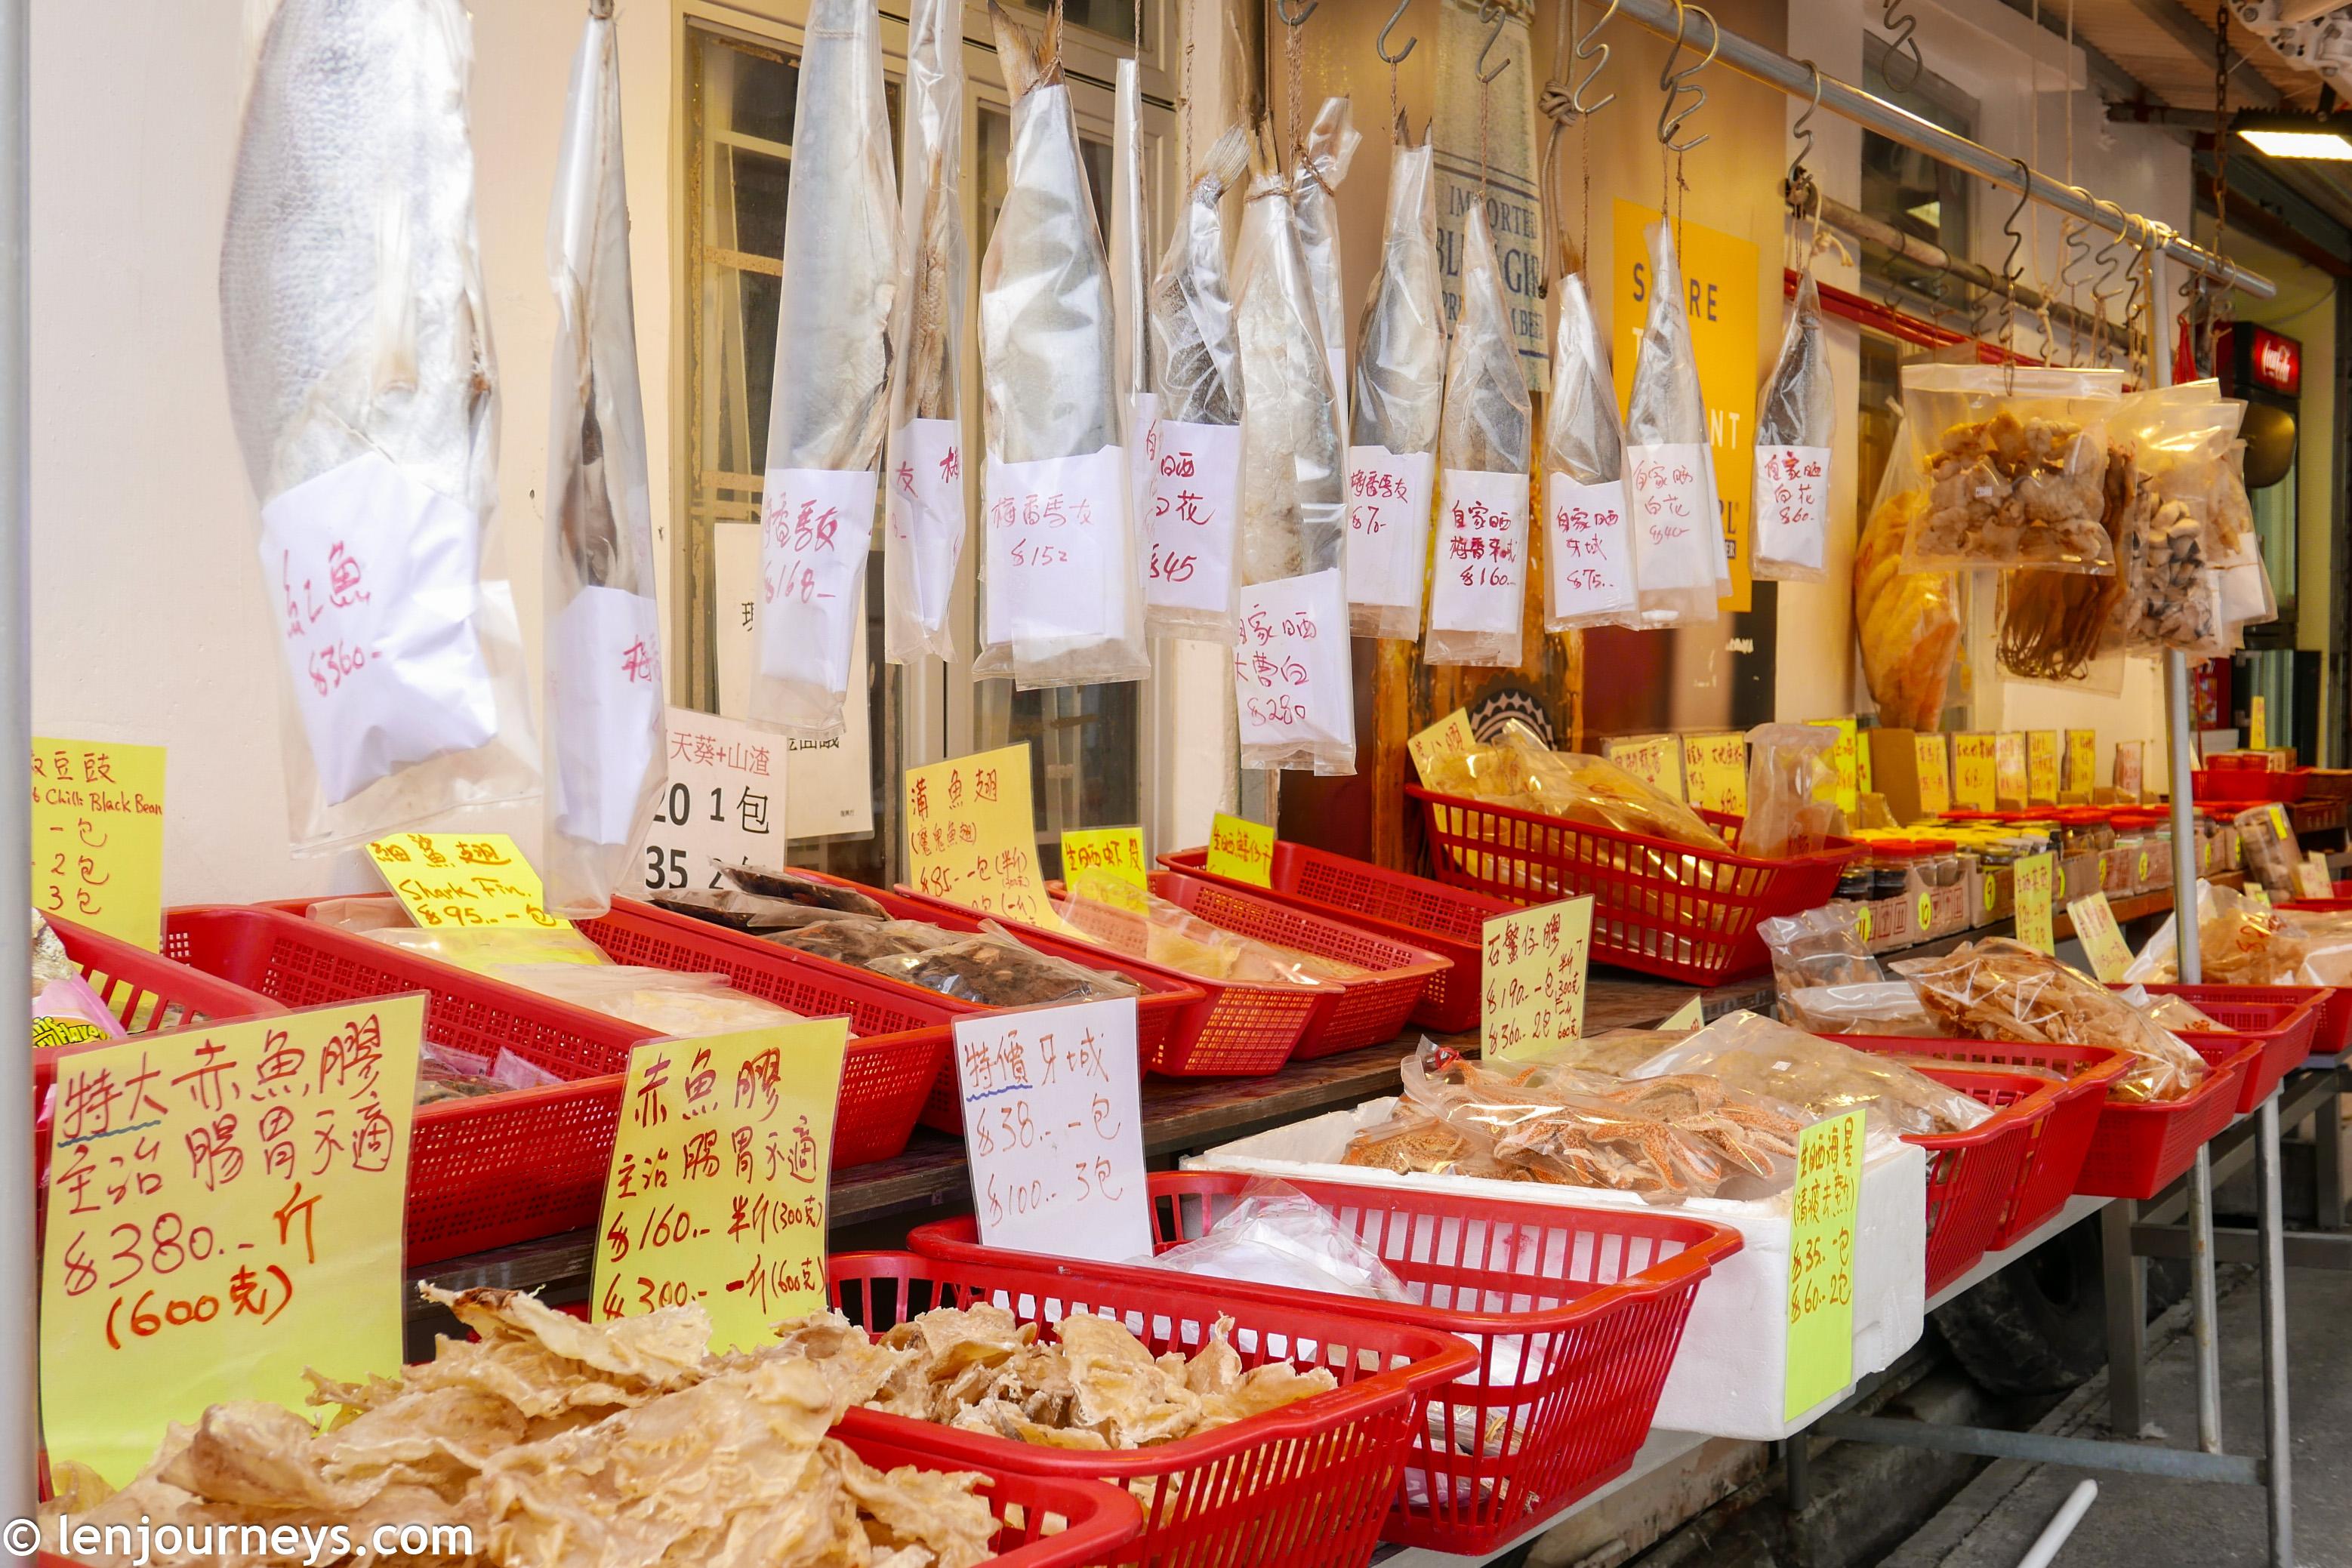 Dried seafood